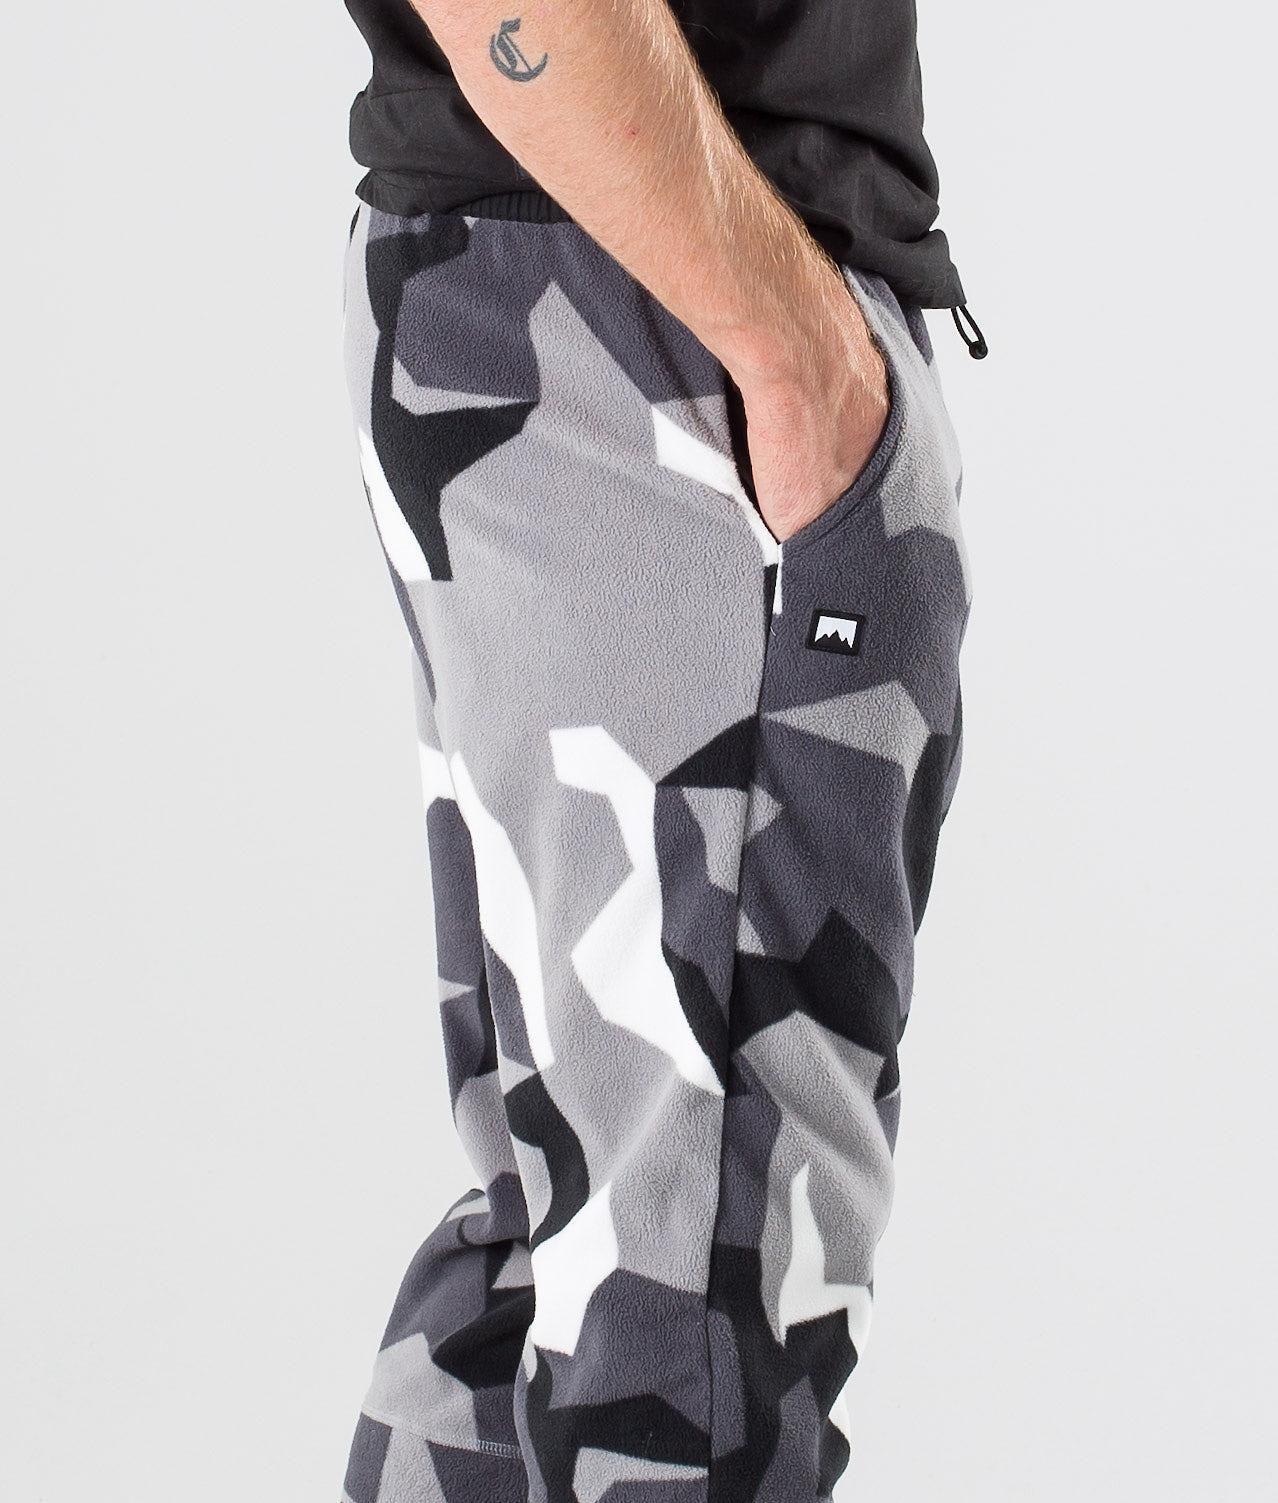 Kjøp Echo Bukser fra Montec på Ridestore.no - Hos oss har du alltid fri frakt, fri retur og 30 dagers åpent kjøp!